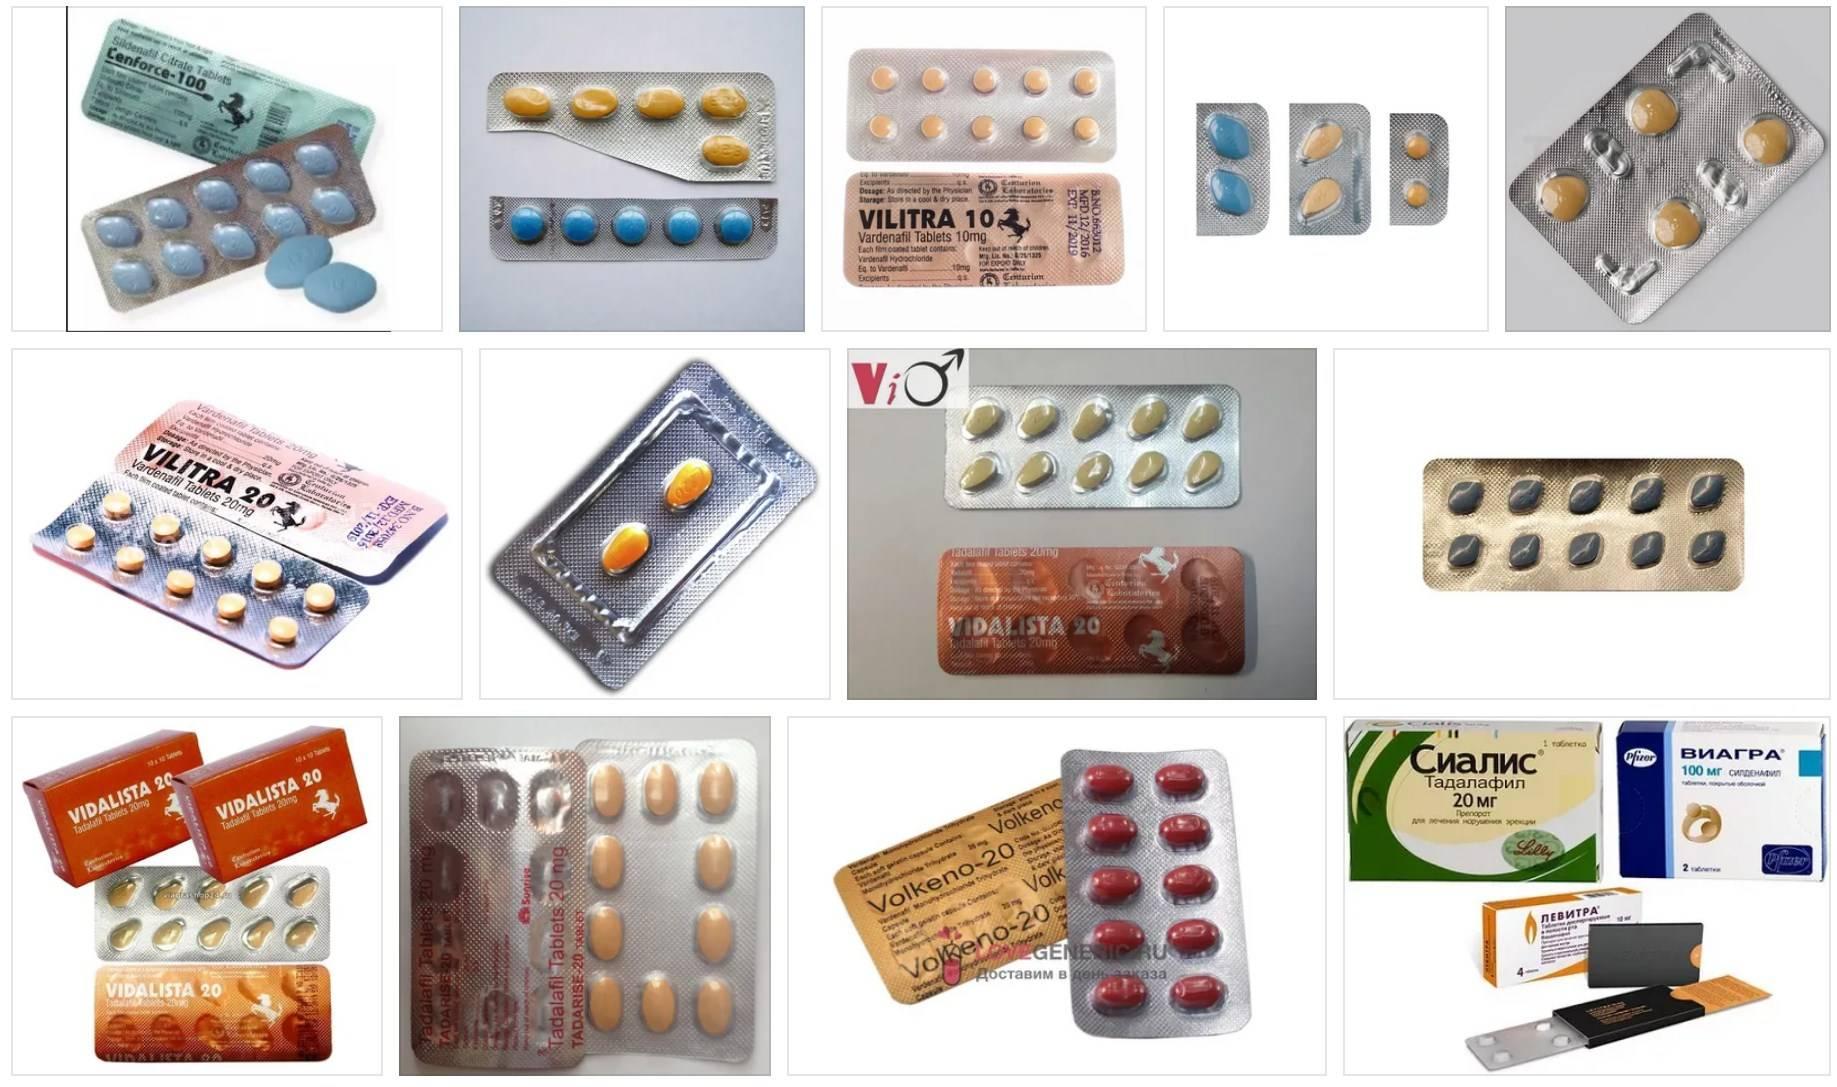 Средства для улучшения потенции в аптеках